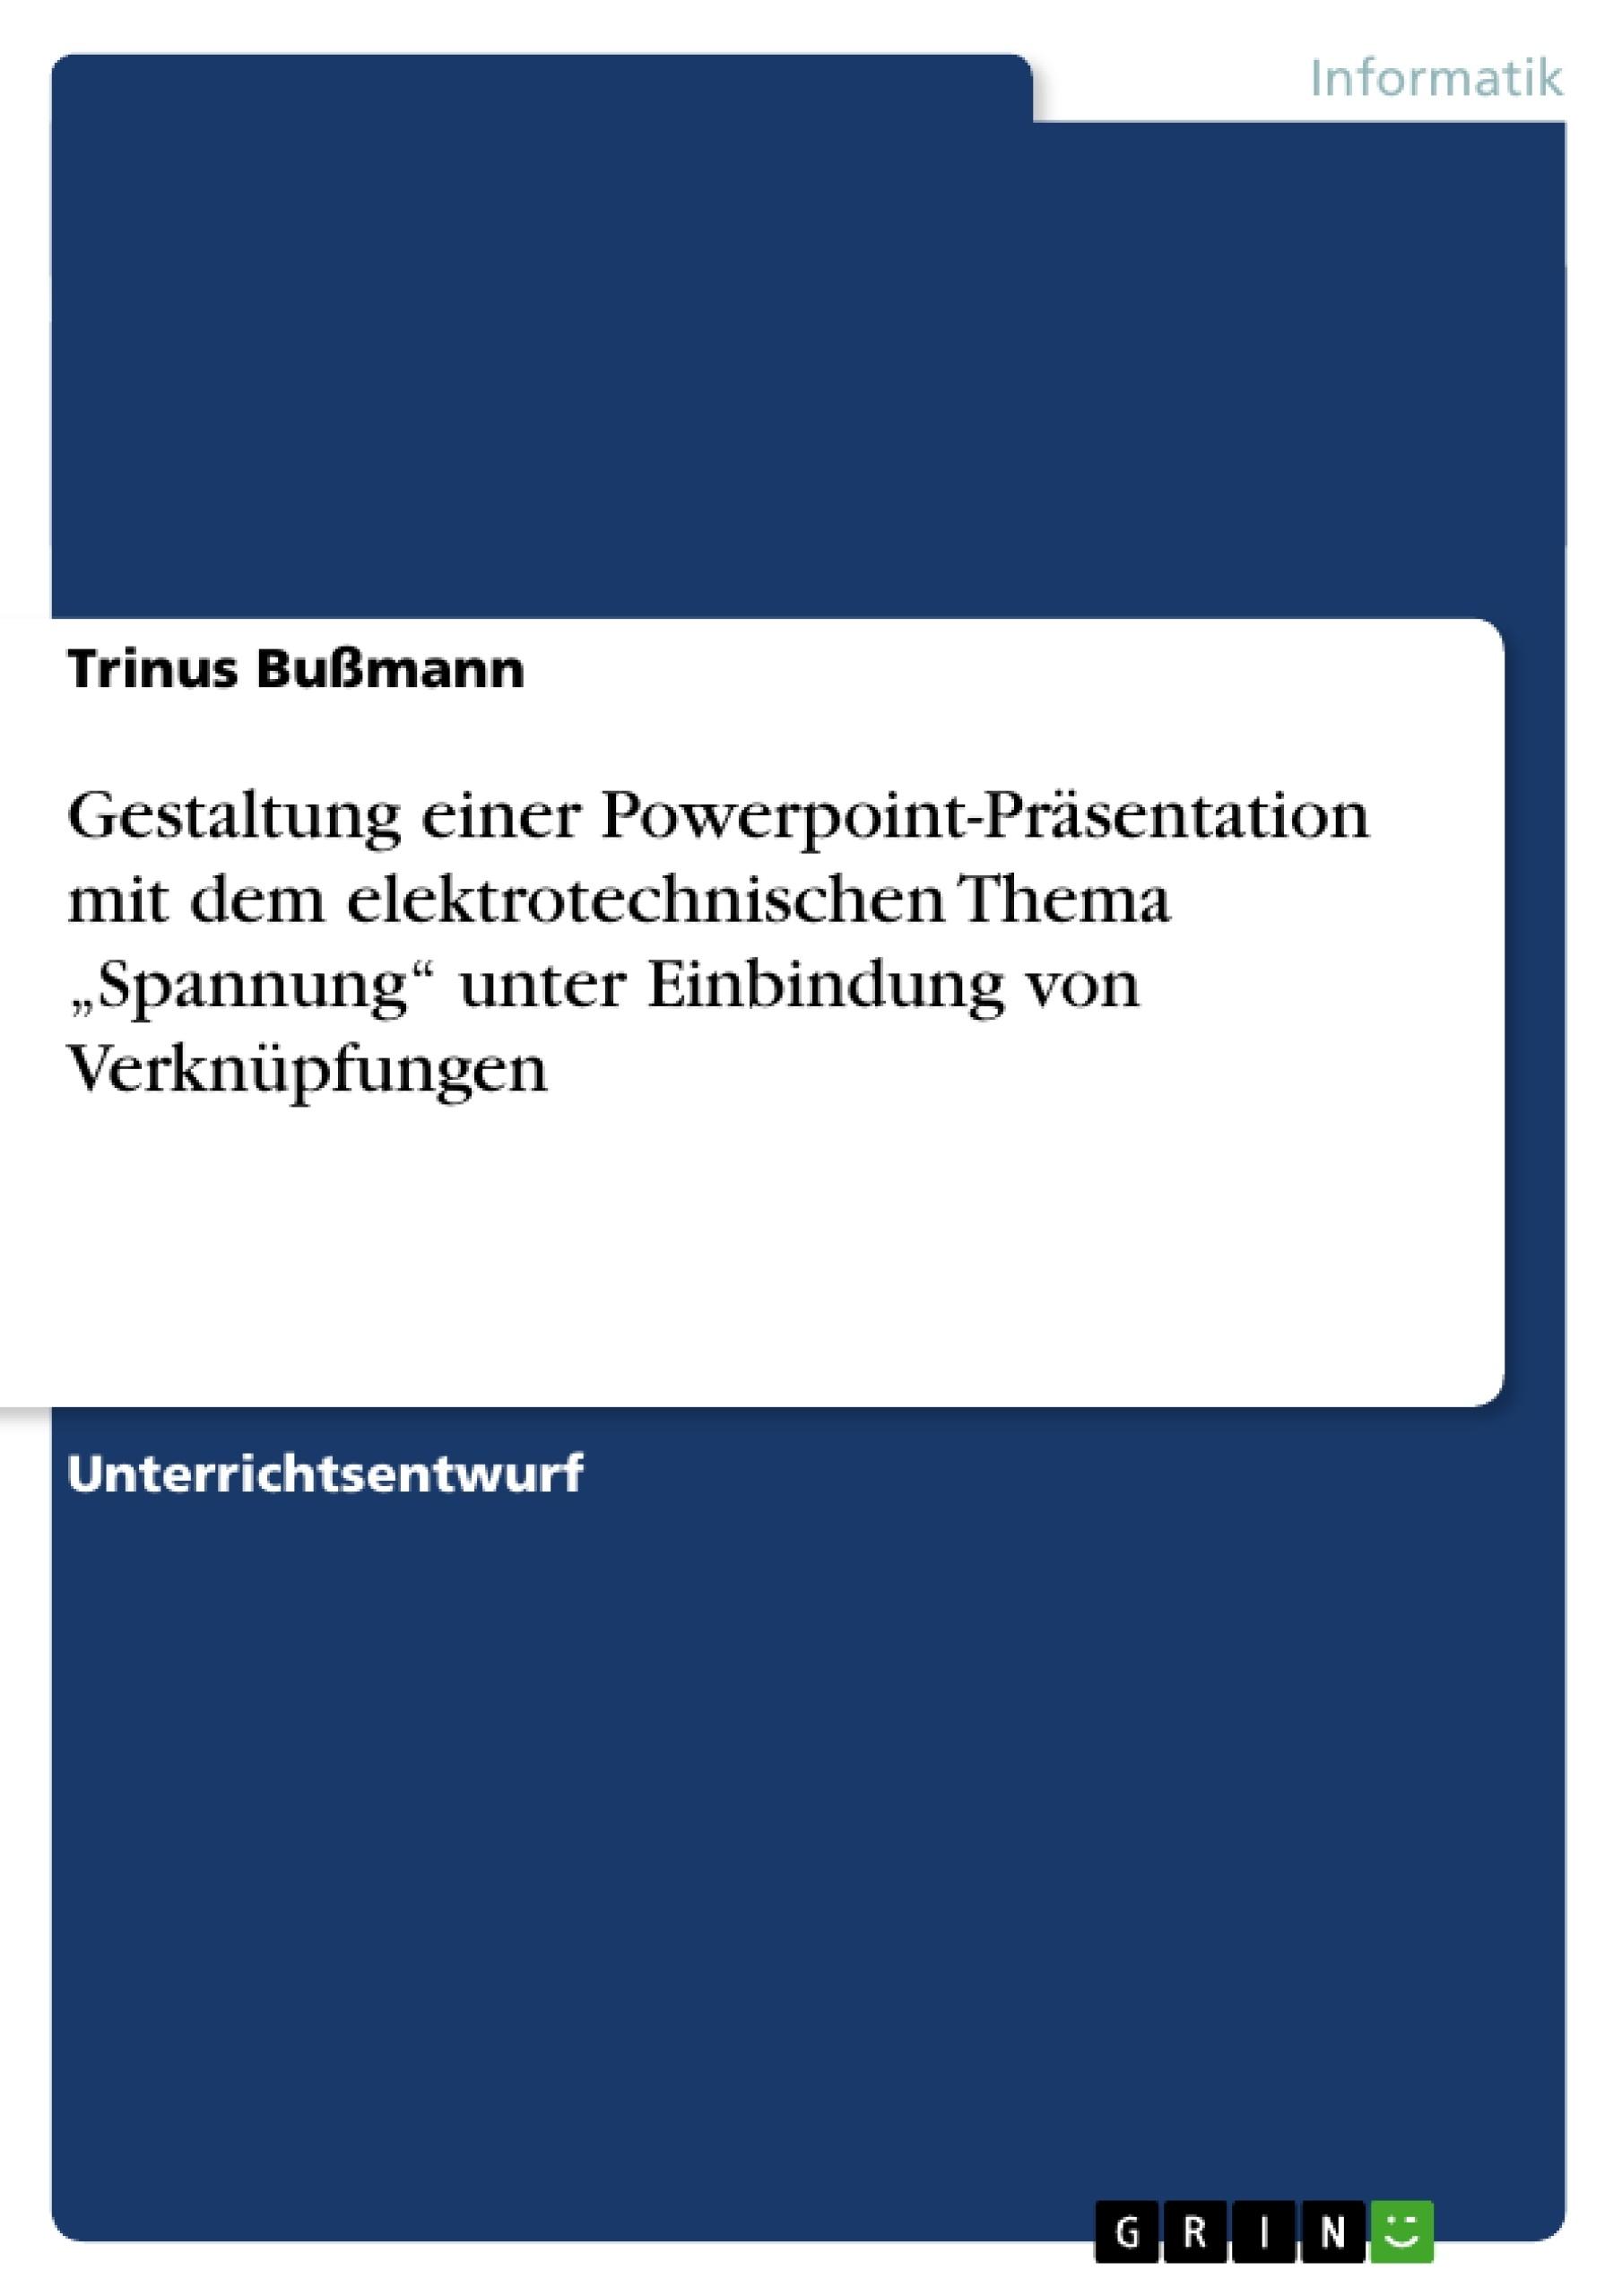 """Titel: Gestaltung einer Powerpoint-Präsentation mit dem elektrotechnischen Thema """"Spannung"""" unter Einbindung von Verknüpfungen"""